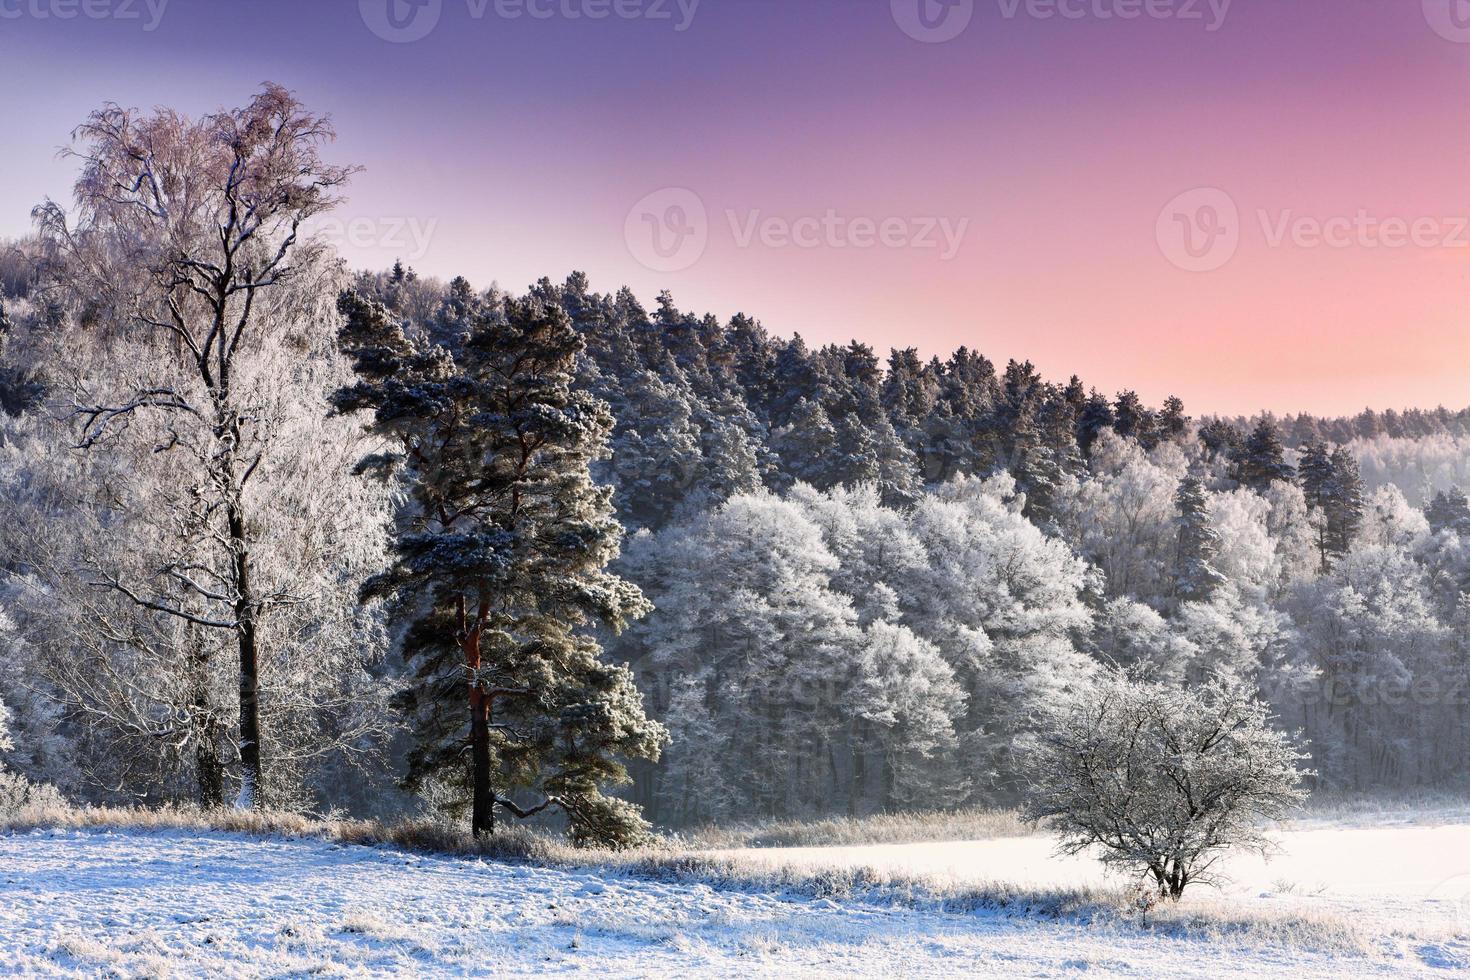 invierno en warmia foto